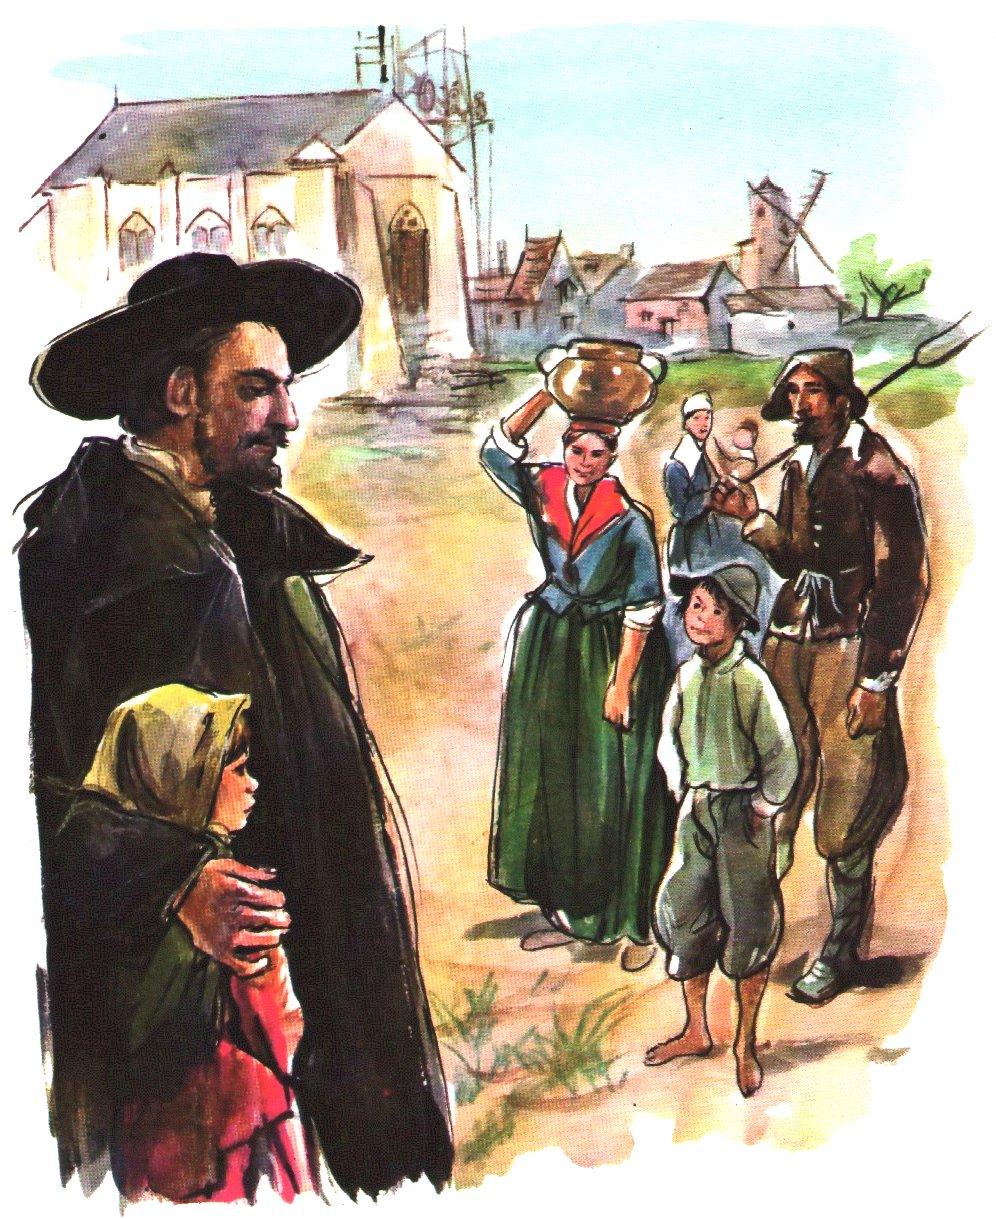 Histoire pour la veillée scoute :Saint Vincent à Clichy